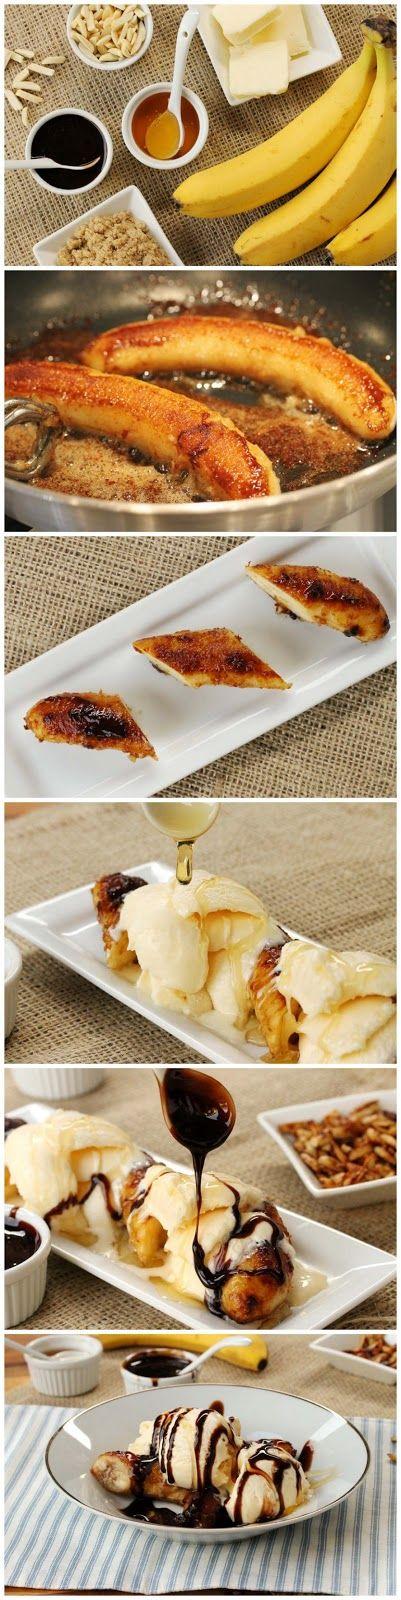 Brown Butter Banana Dessert